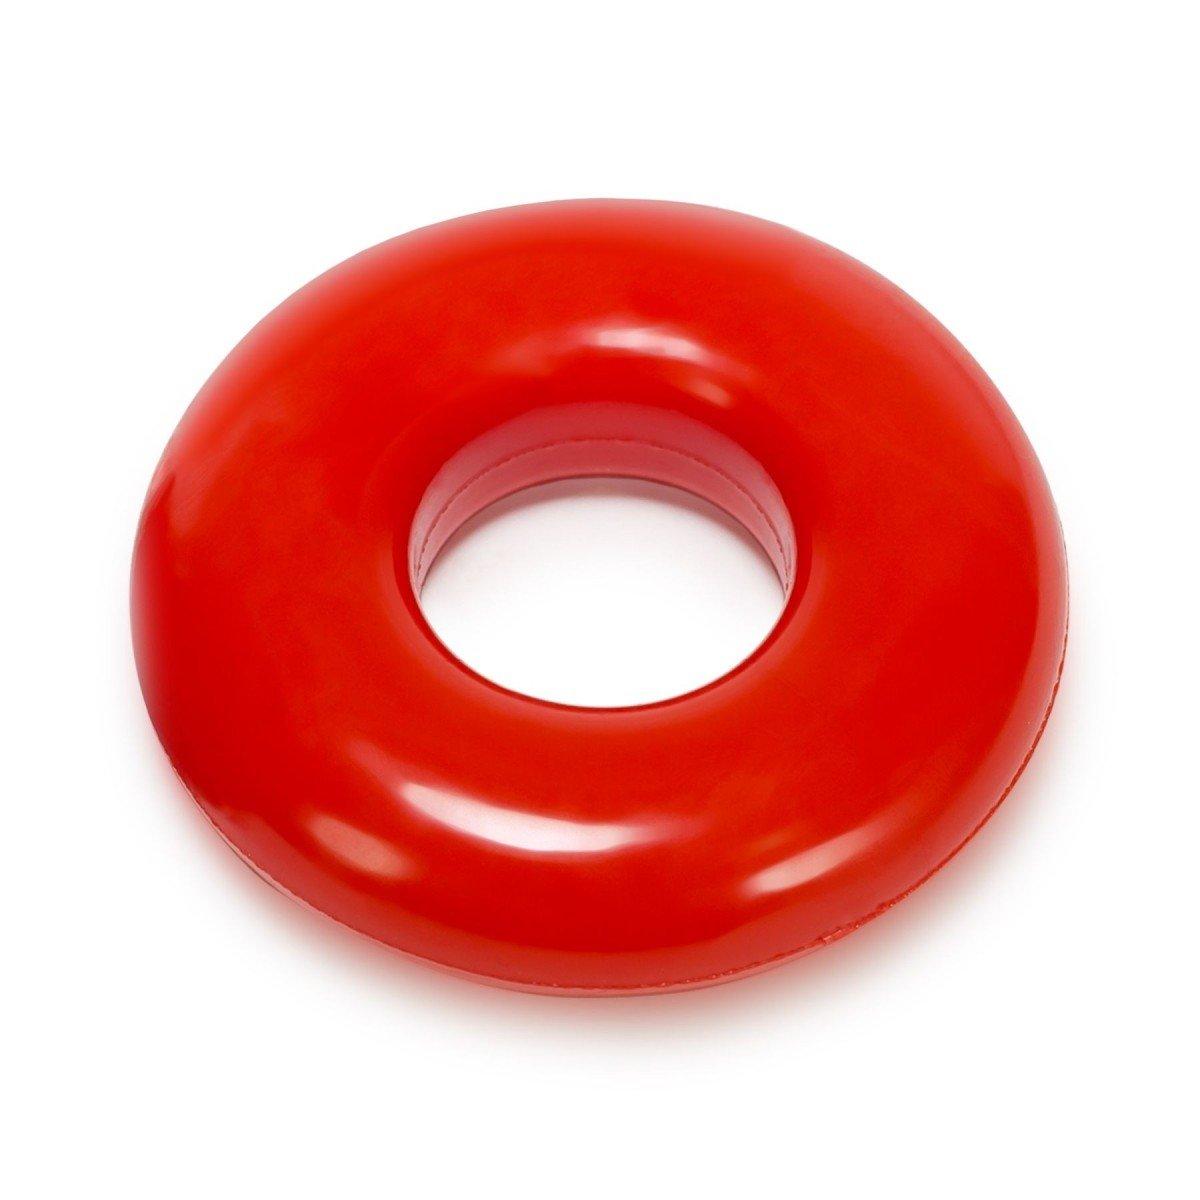 Erekční kroužek Oxballs Do-Nut 2 červený